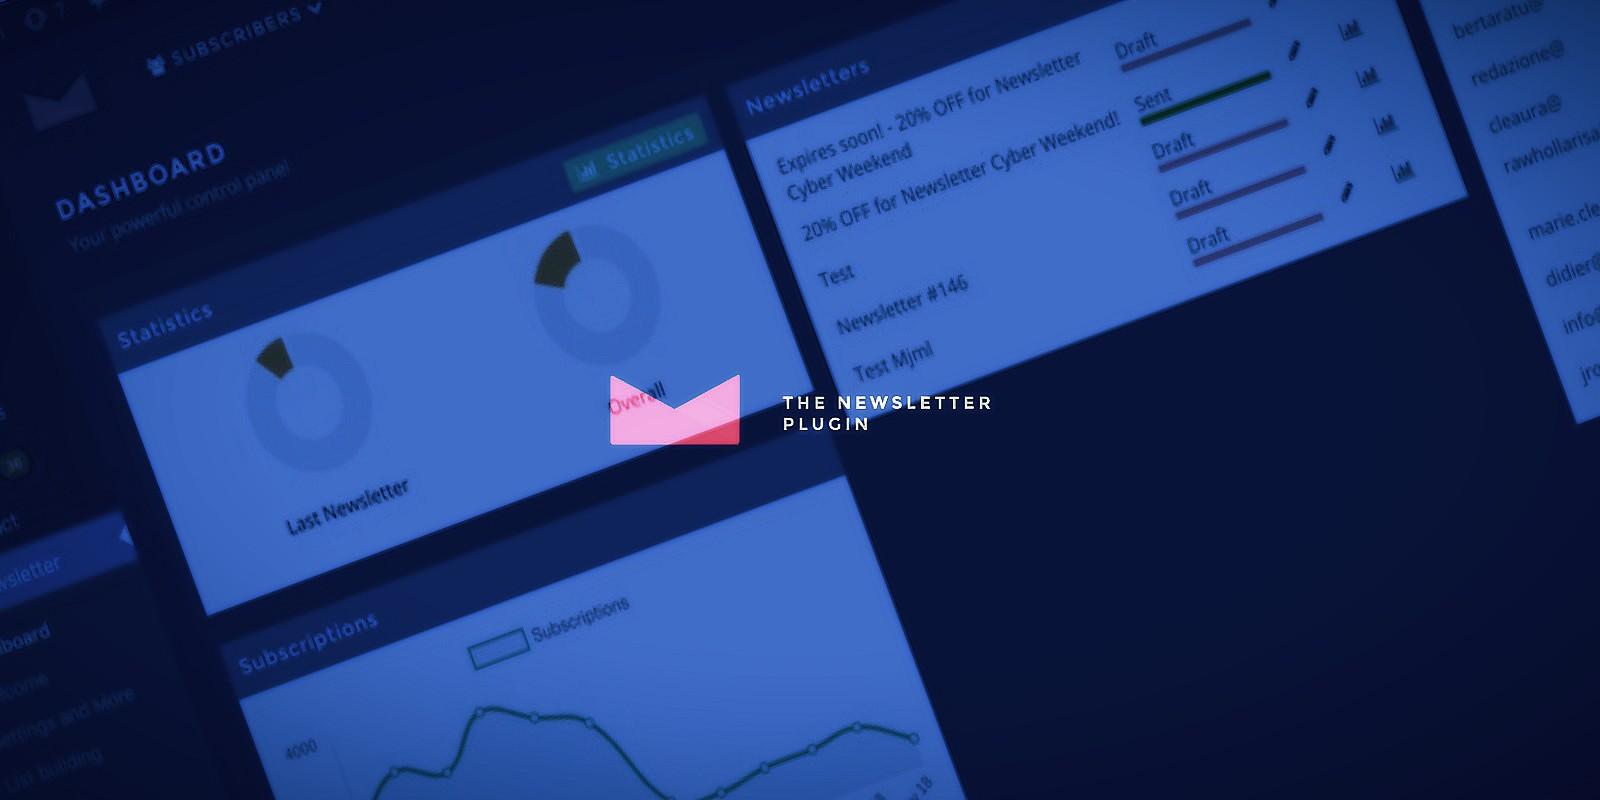 时事通讯插件错误使黑客可以在30万个站点上注入后门